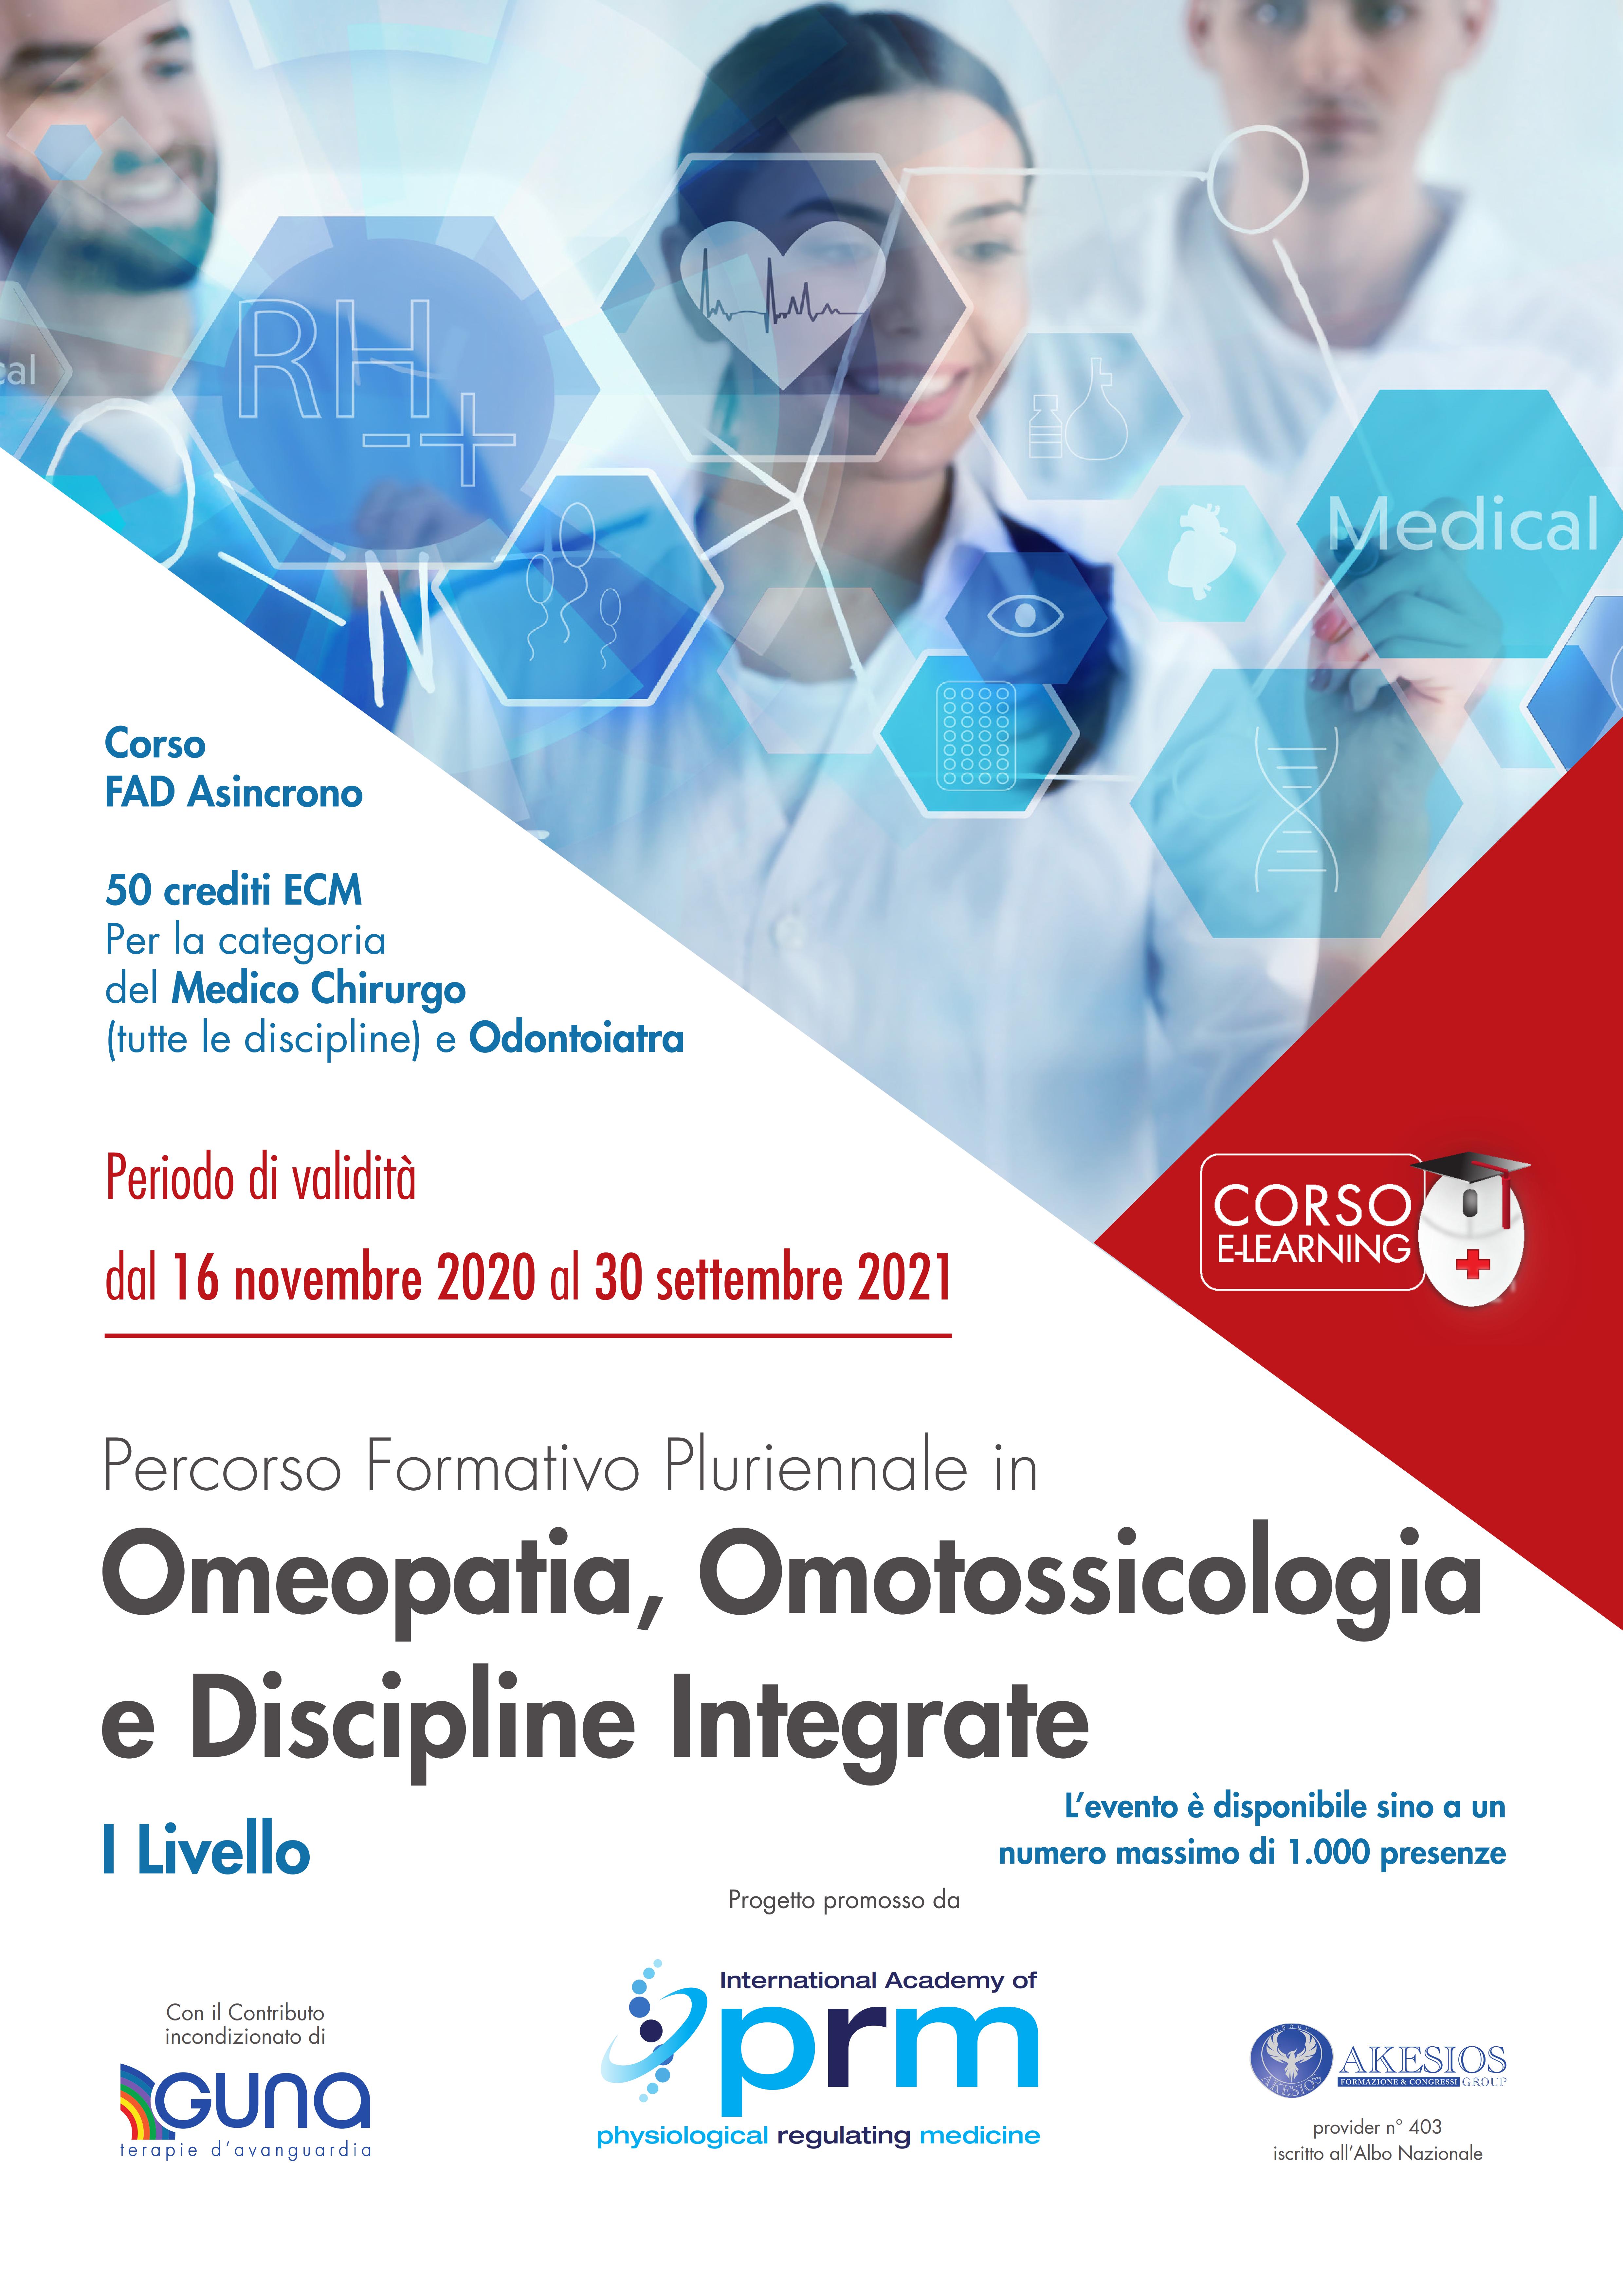 Percorso Formativo Pluriennale in Omeopatia, Omotossicologia e Discipline Integrate – I LIVELLO